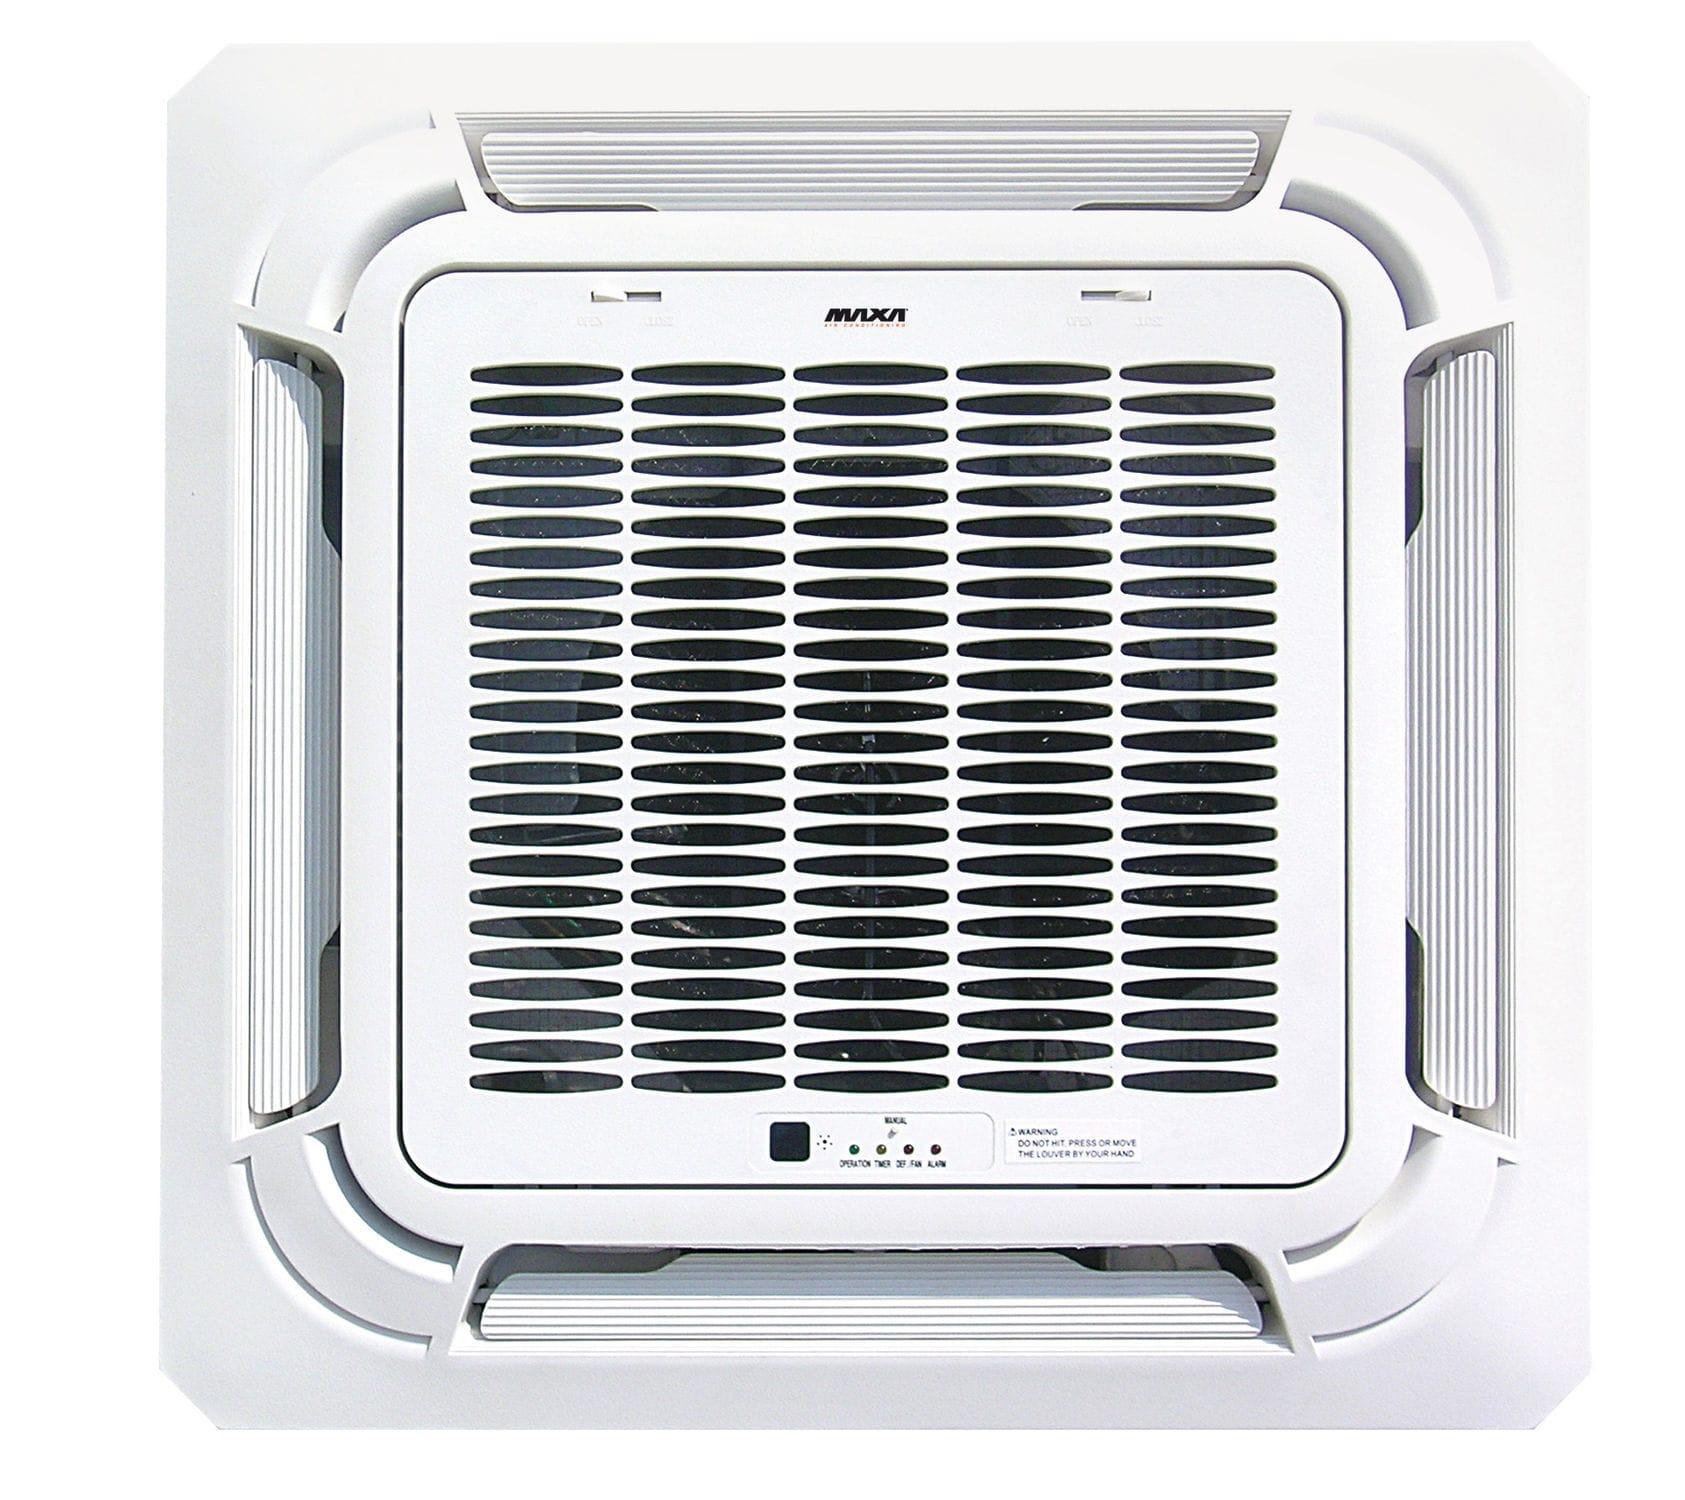 Ceiling Air Conditioner Hca Maxa Conditioning Split